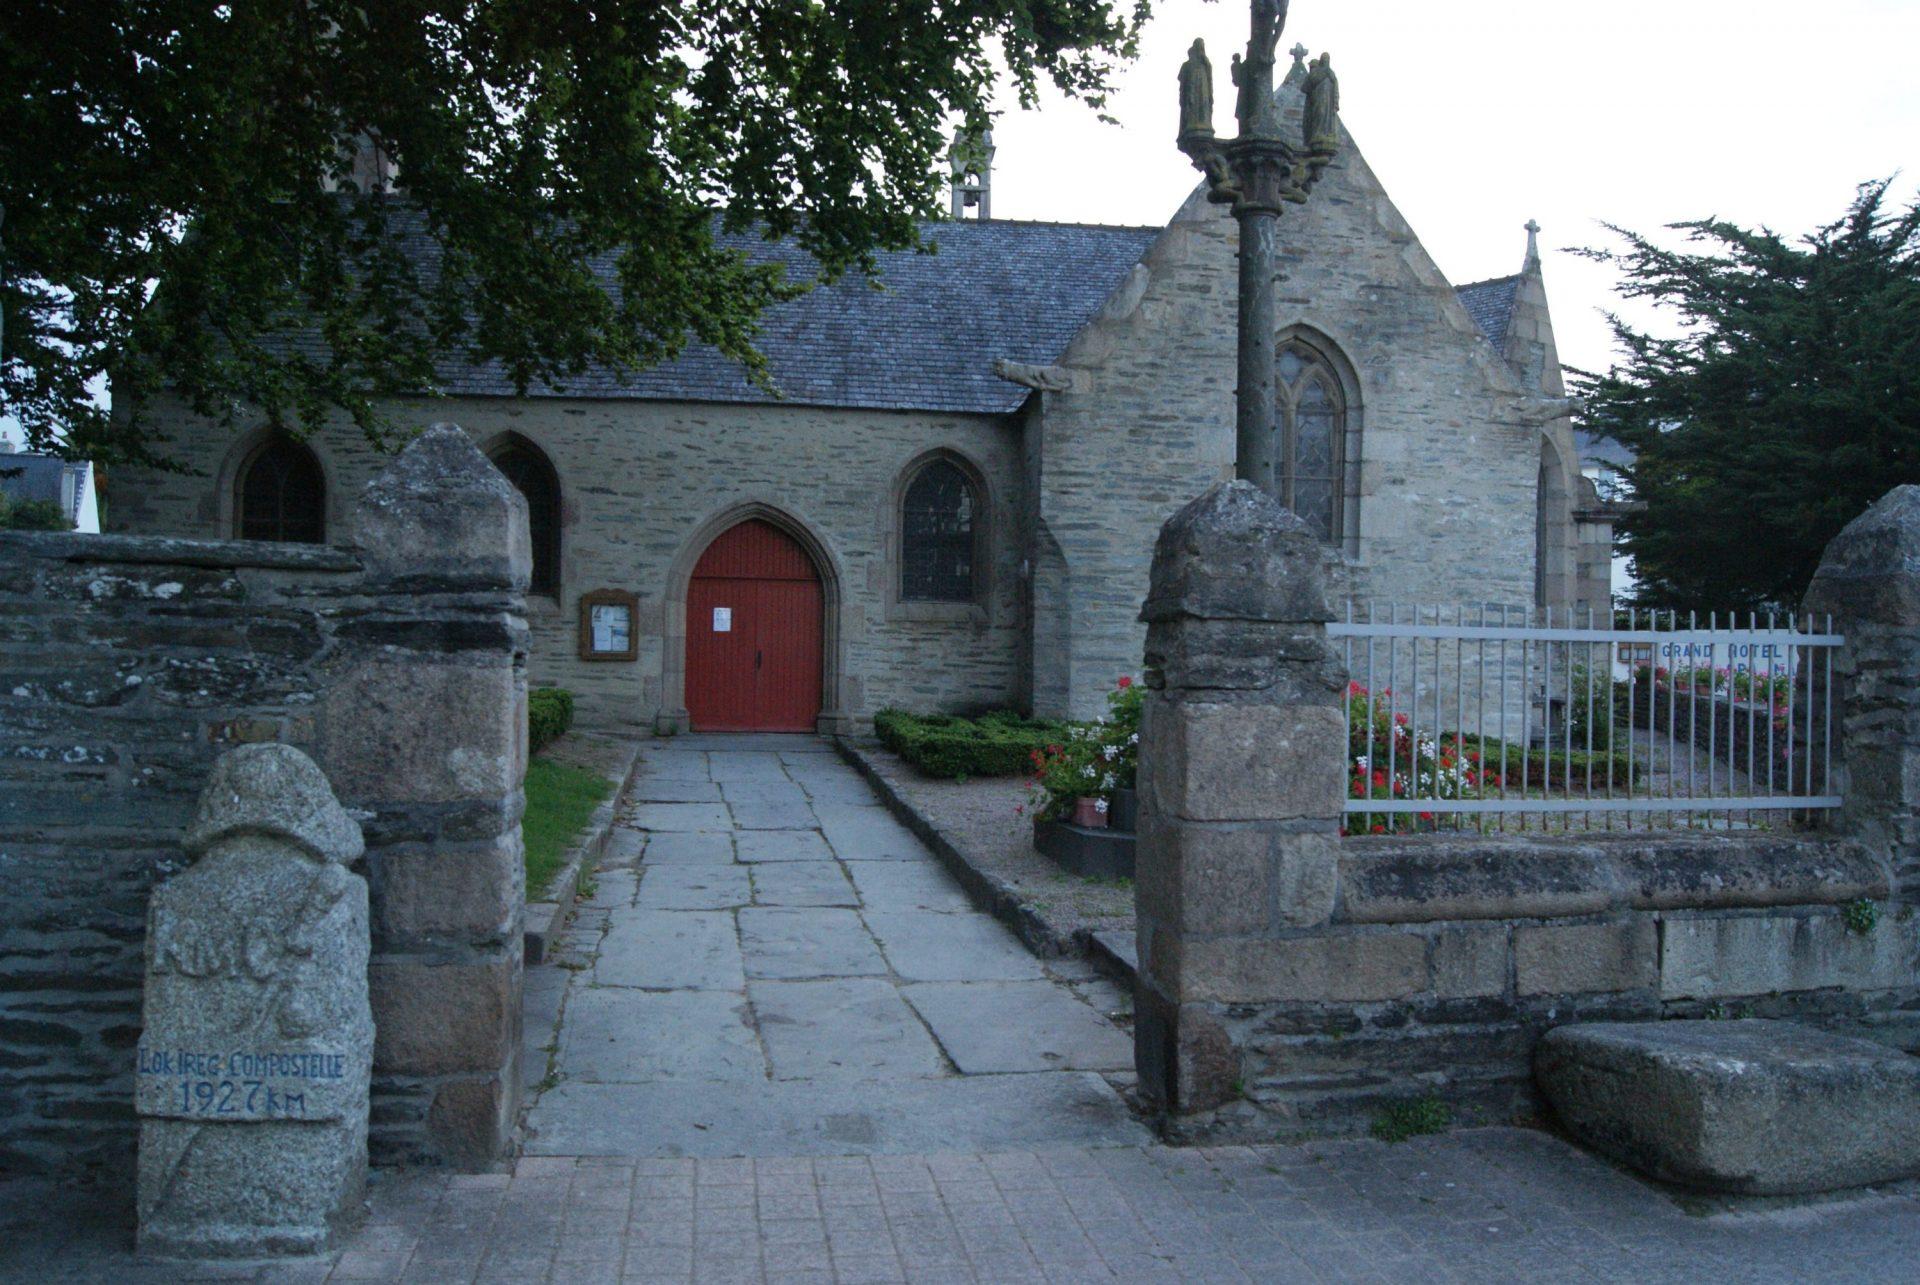 Eglise Saint Jacques à Locquirec